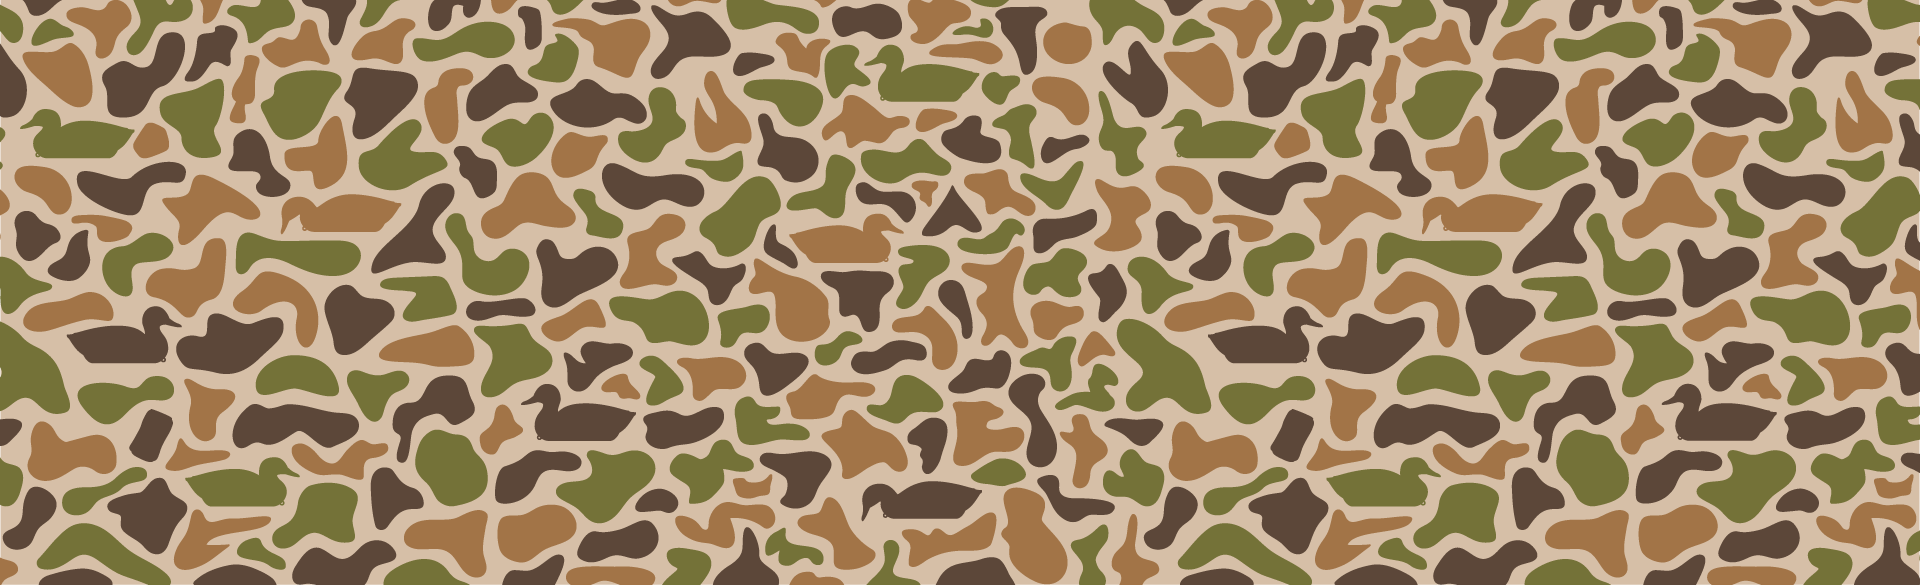 decoy-camouflage